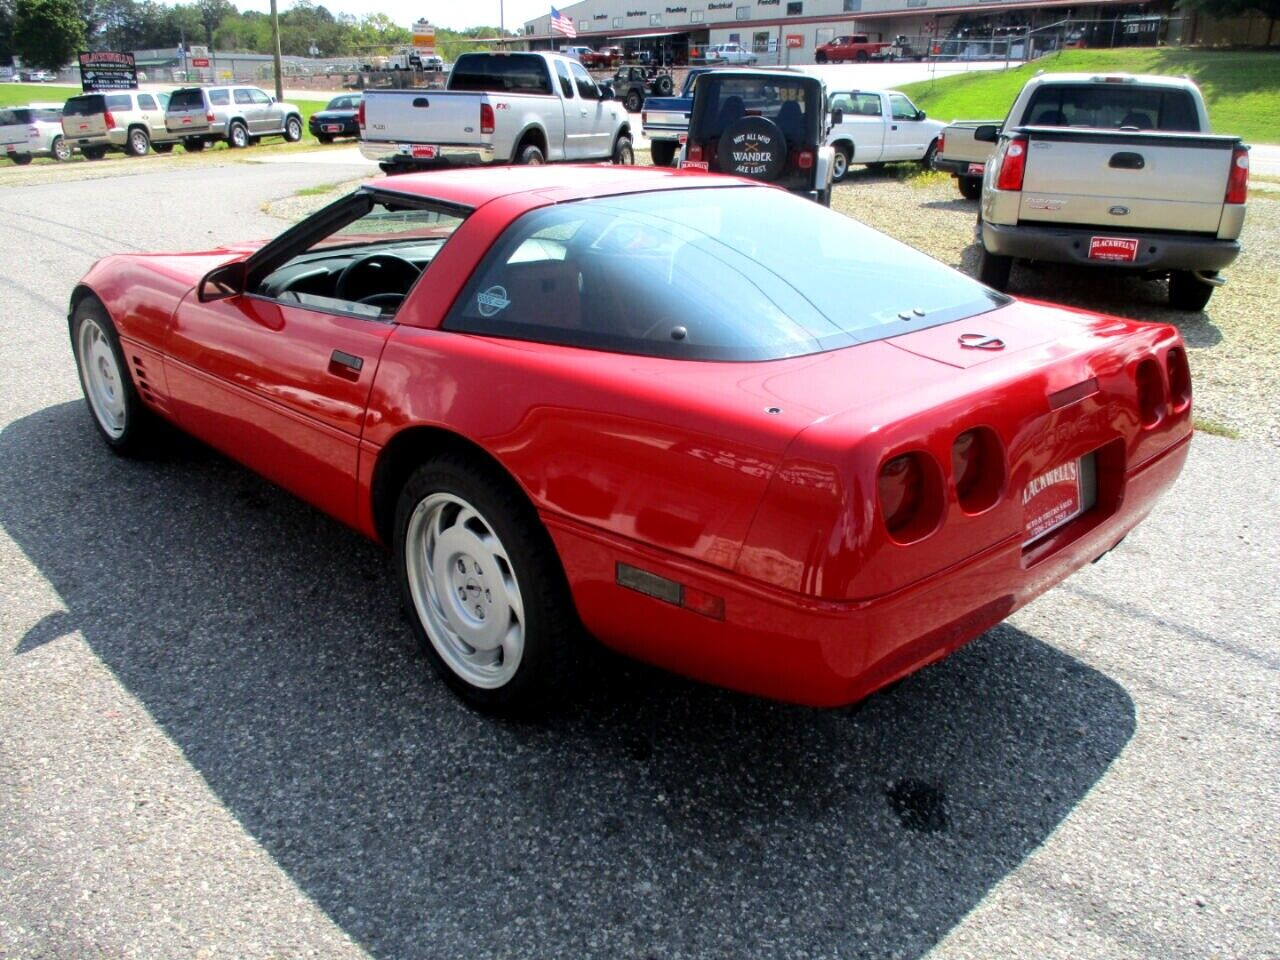 1991 Red Chevrolet Corvette Coupe    C4 Corvette Photo 5